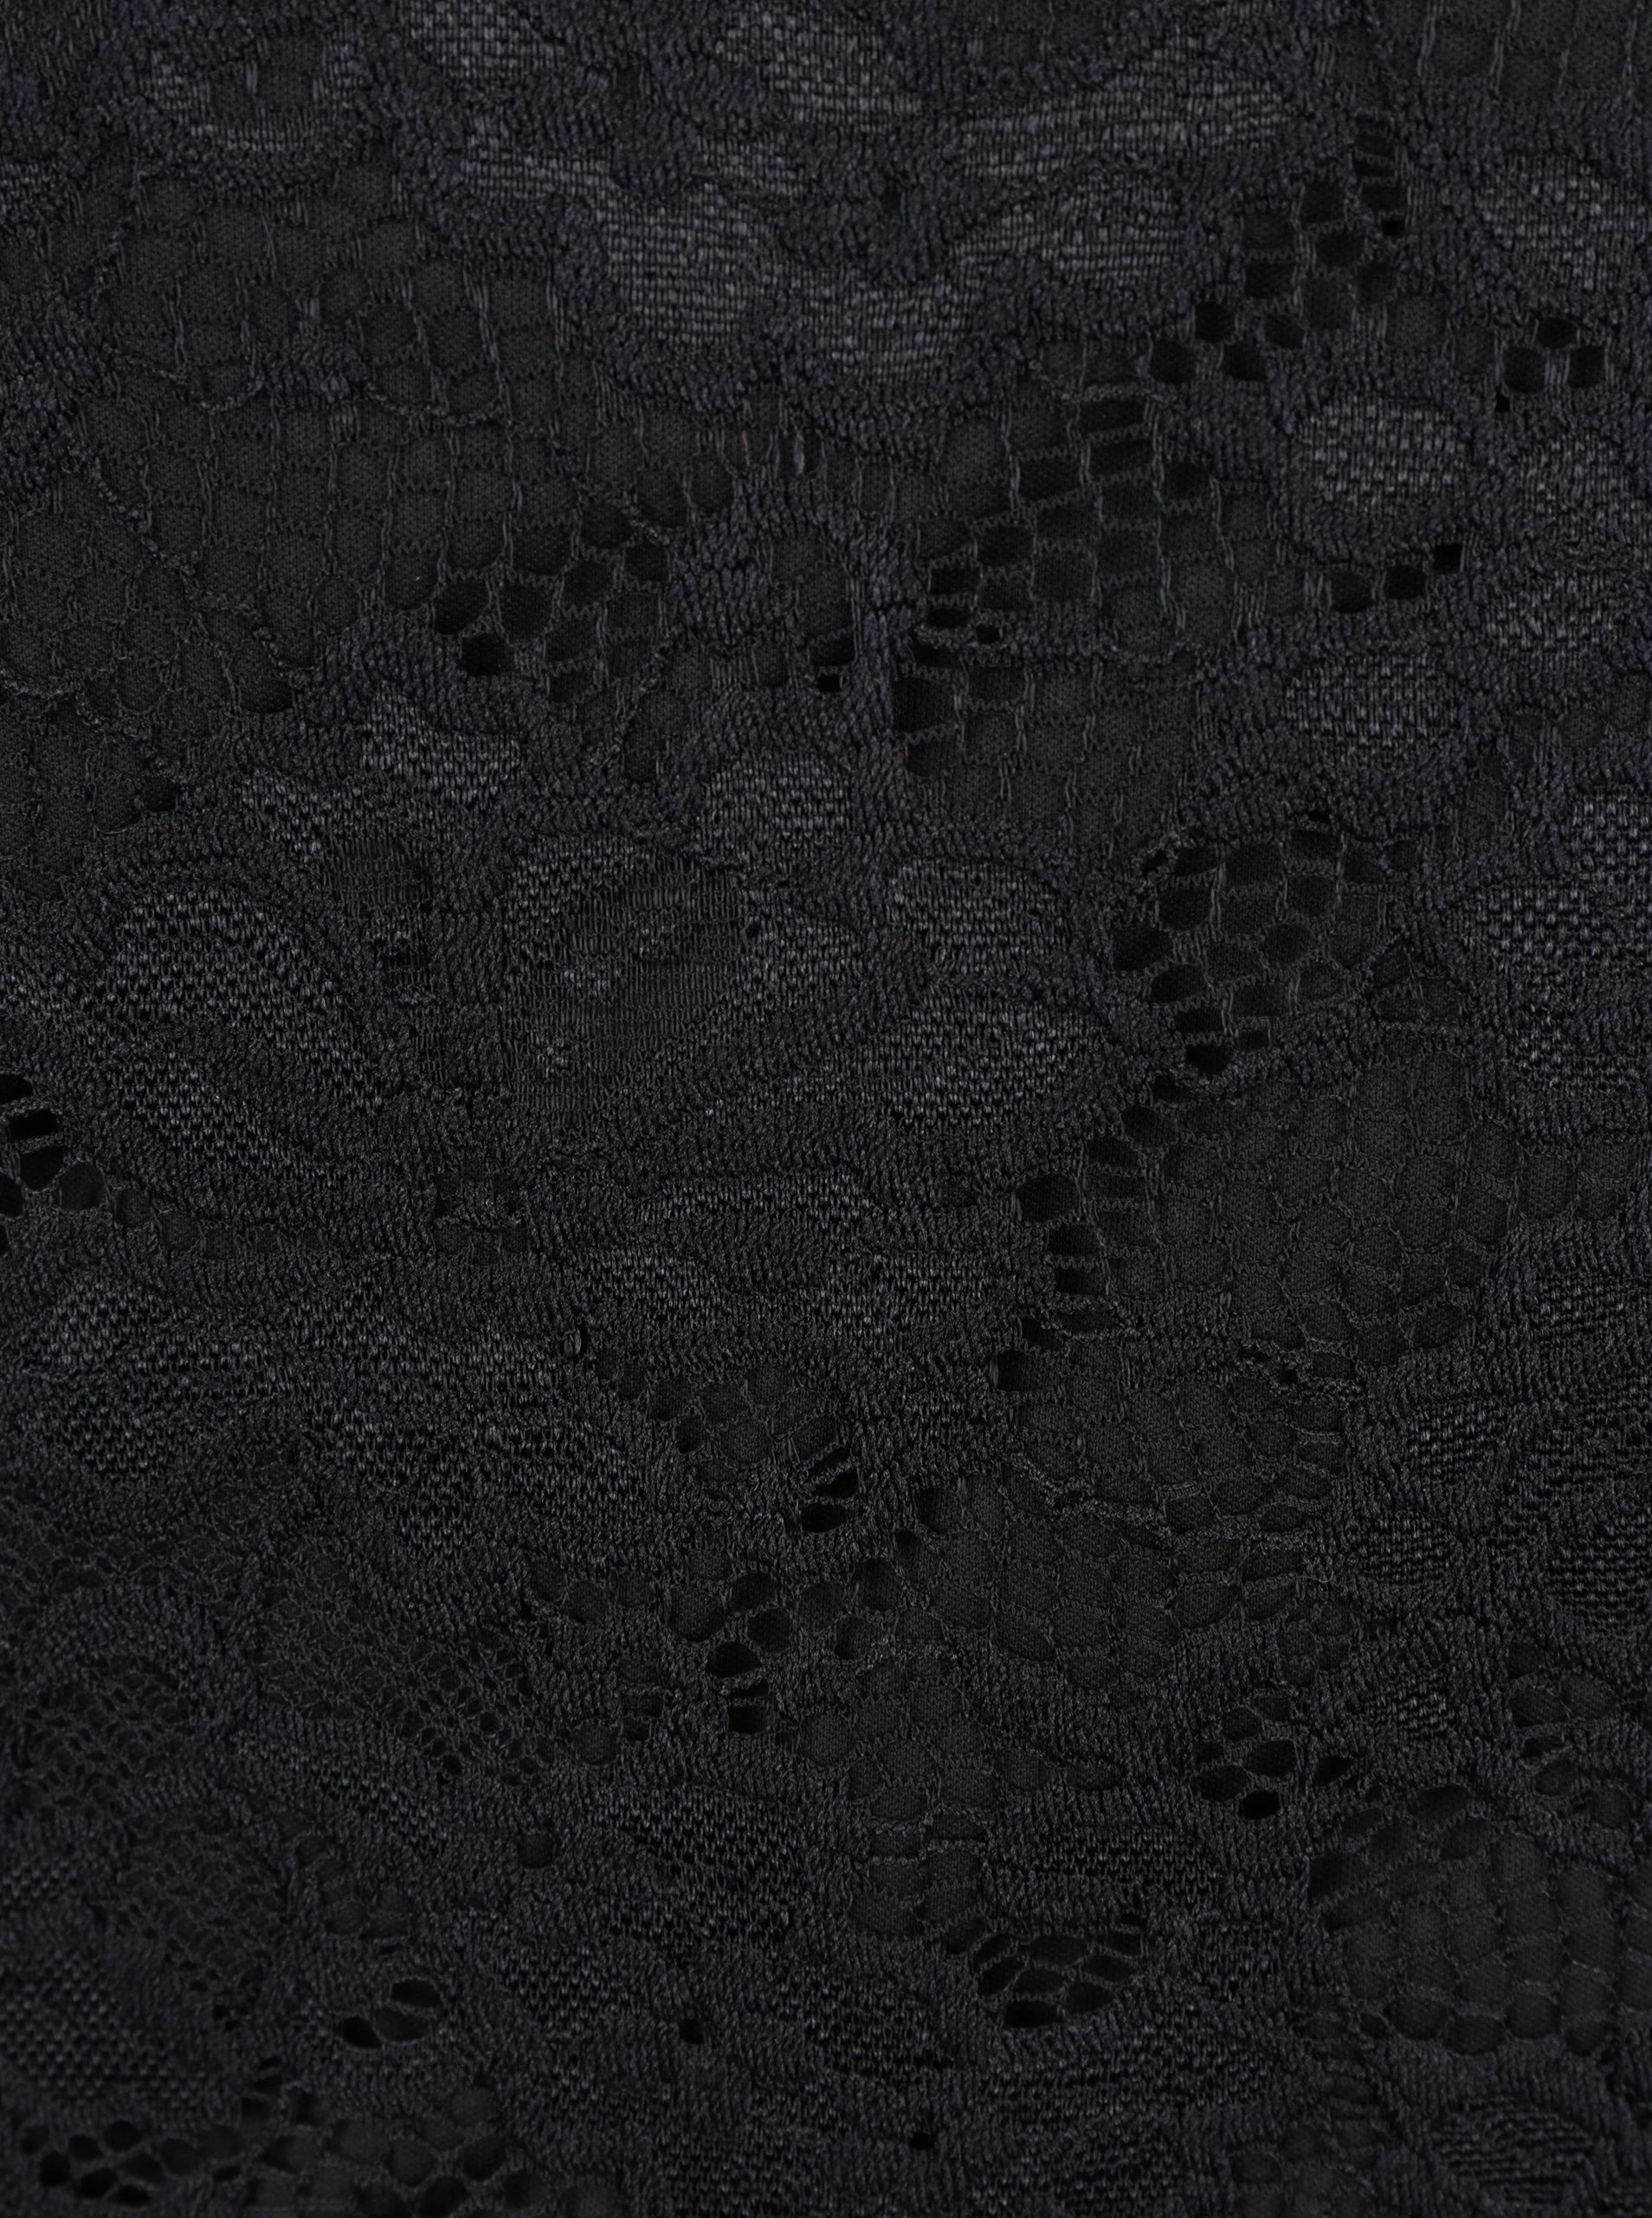 12e2c14d7b37 Čierny čipkovaný top s dlhým rukávom VERO MODA Joy ...